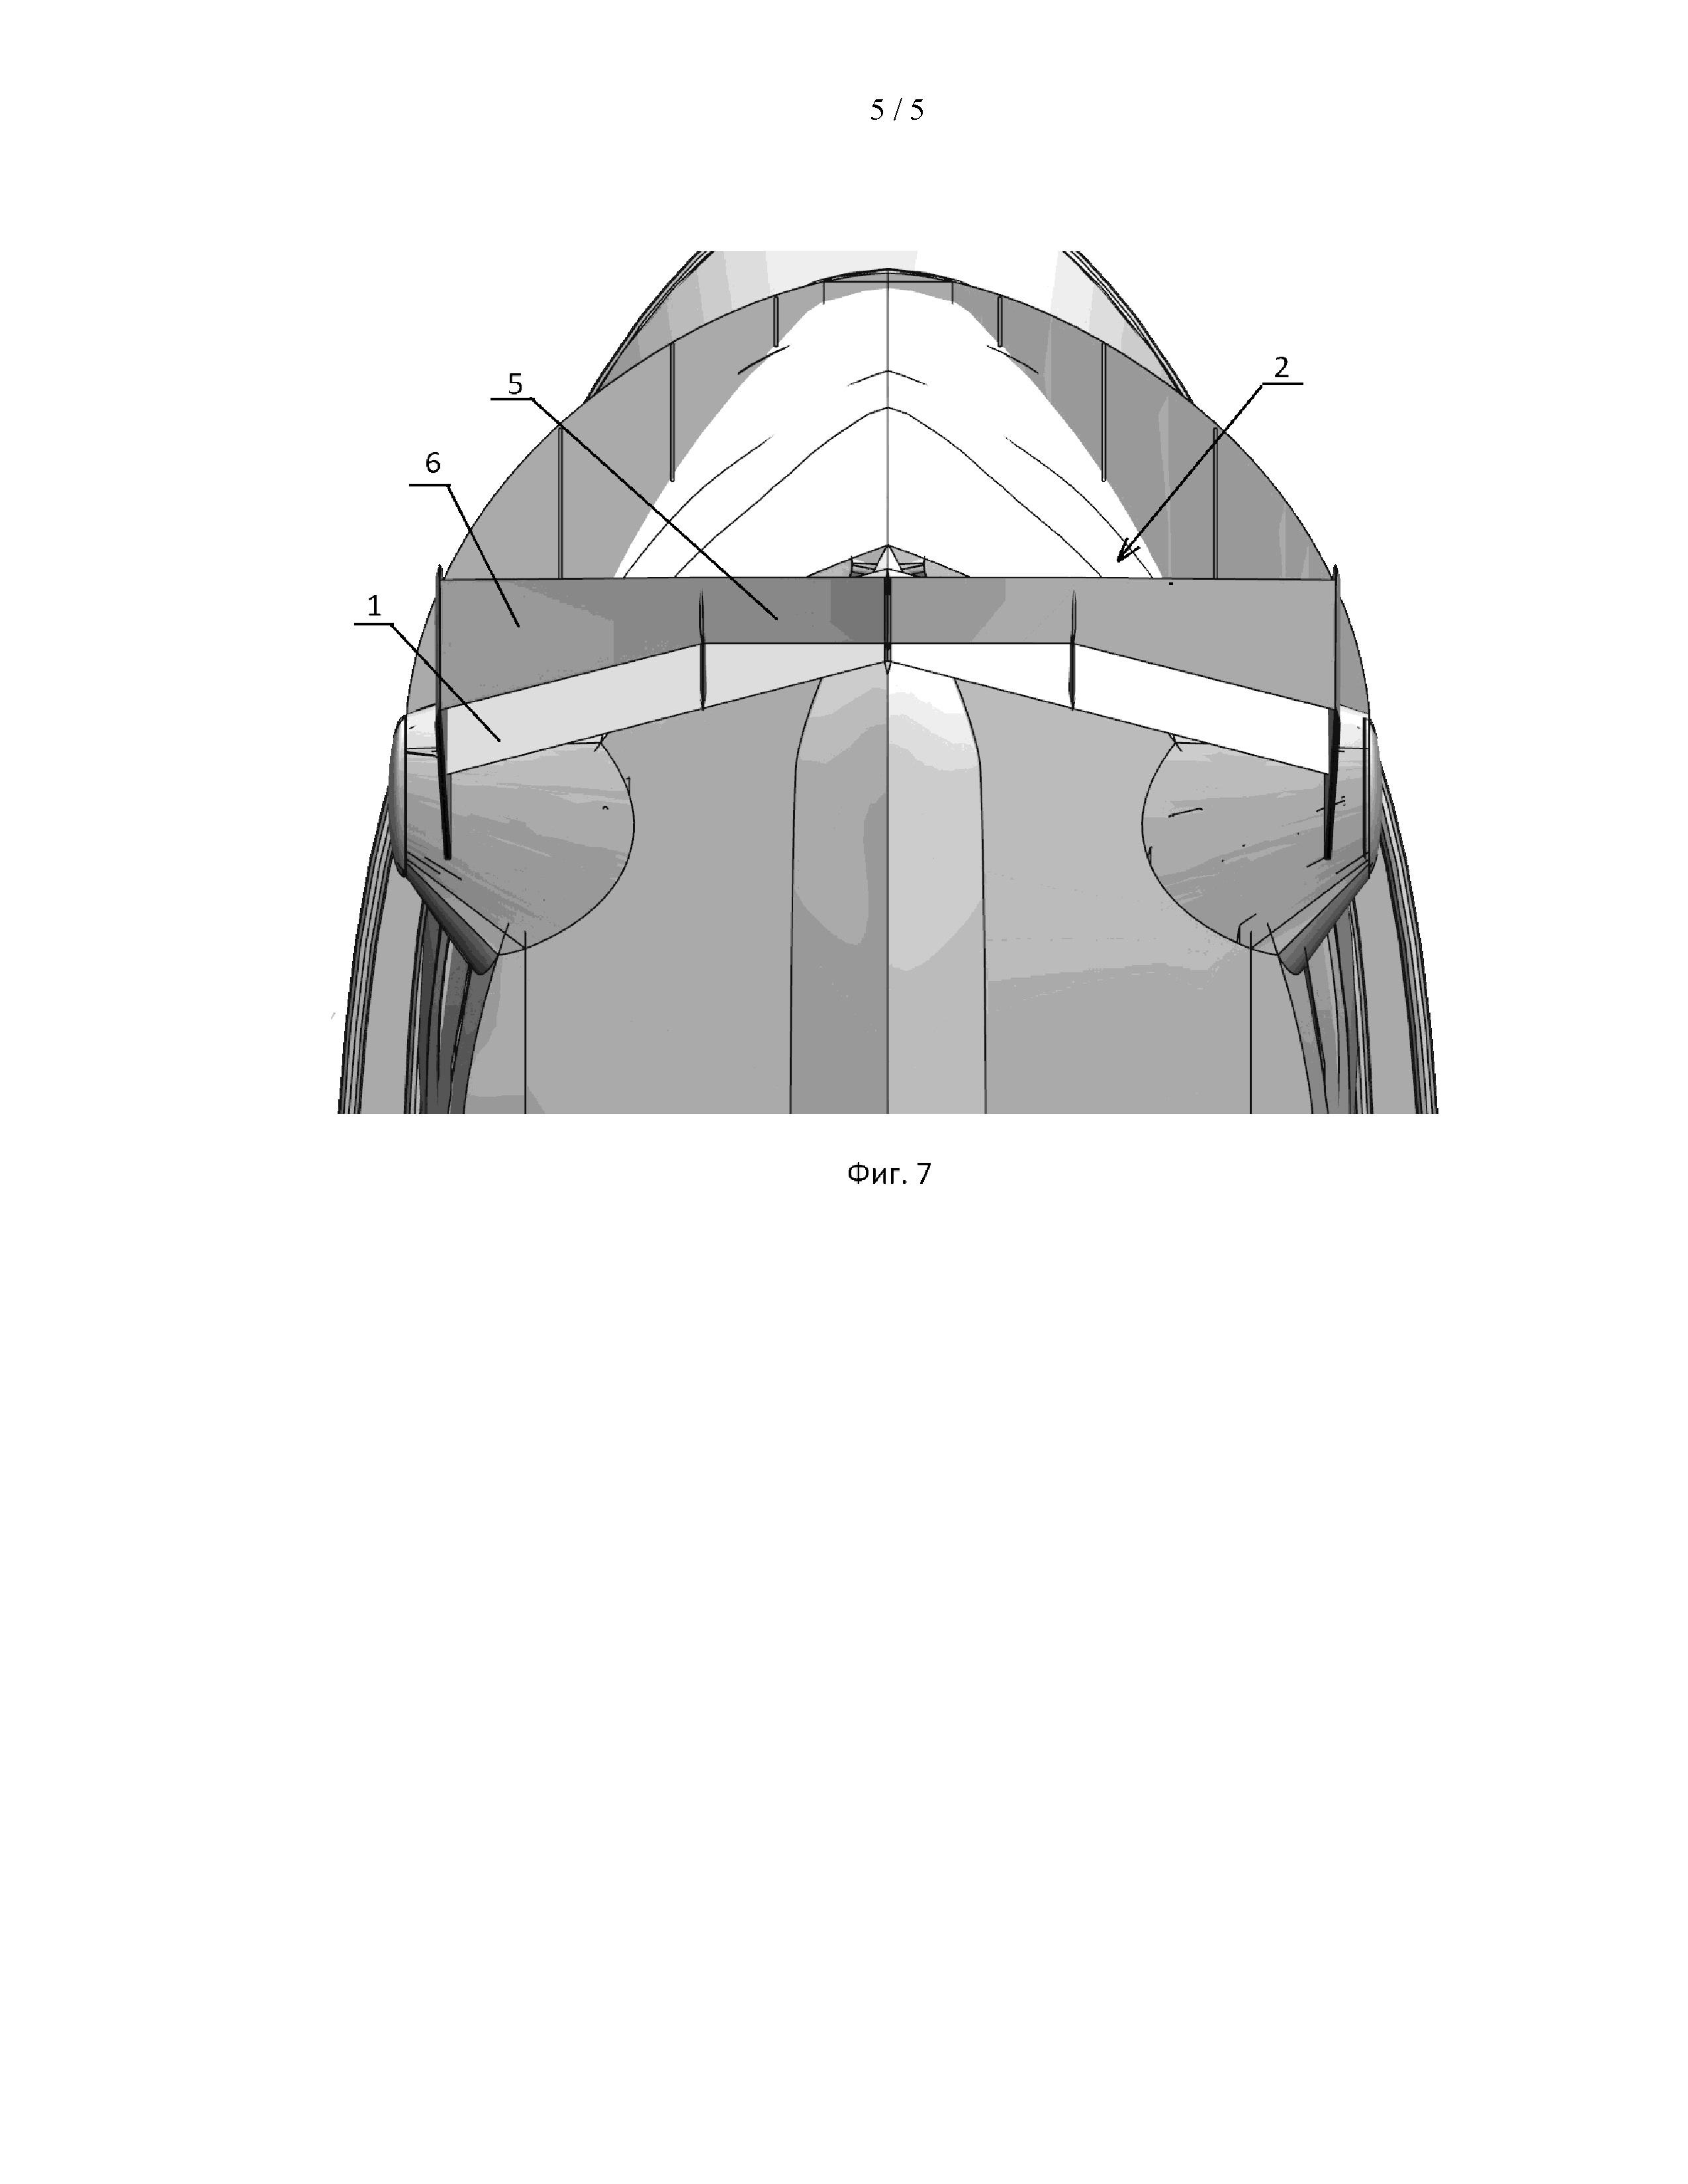 Носовое крыльевое устройство